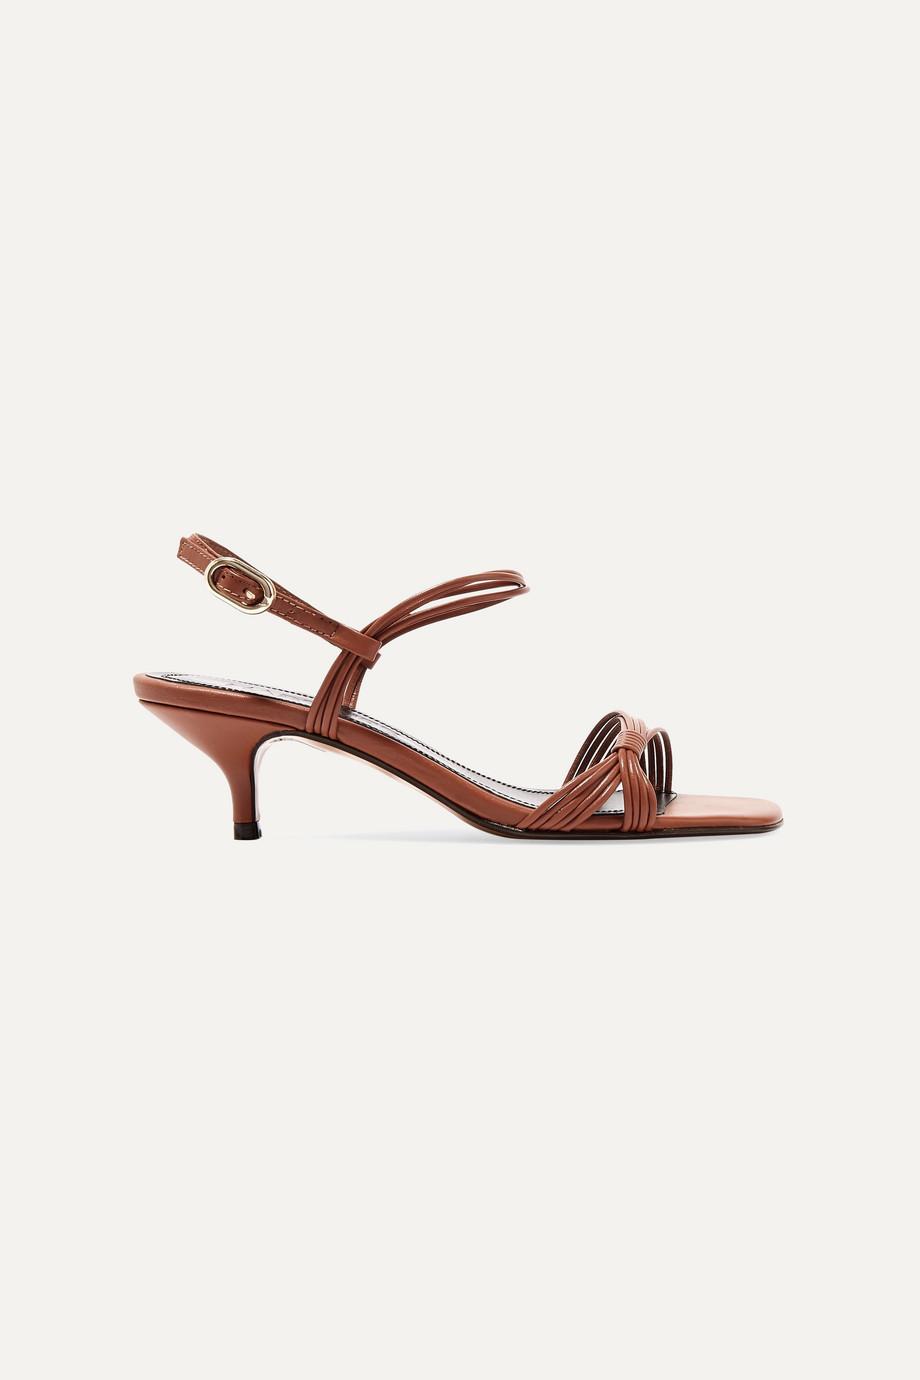 Souliers Martinez Guardamar leather sandals